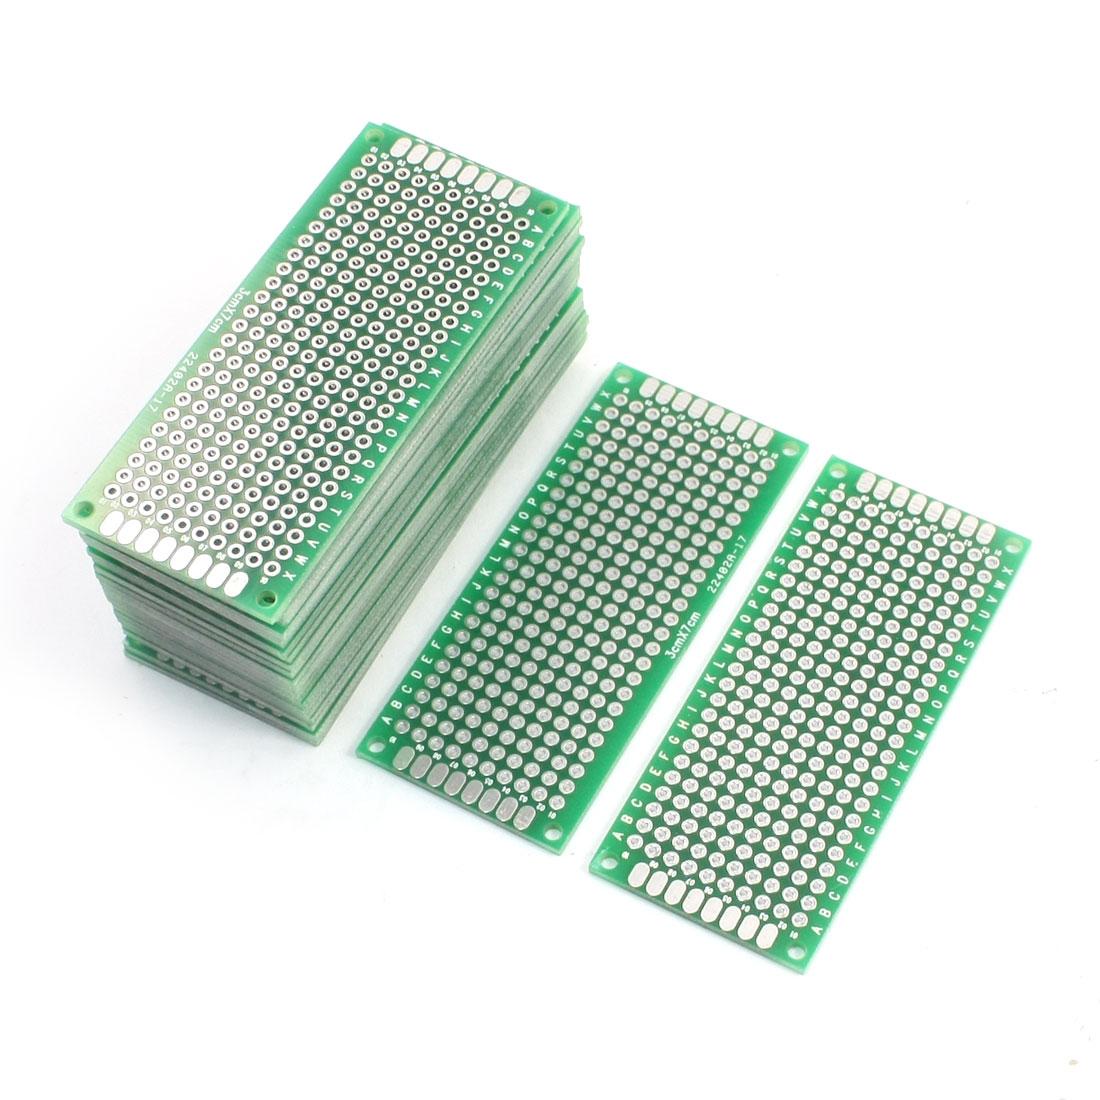 25PCS 3cm x 7cm double face en fibre de verre Prototype PCB Conseil Vert - image 1 de 1